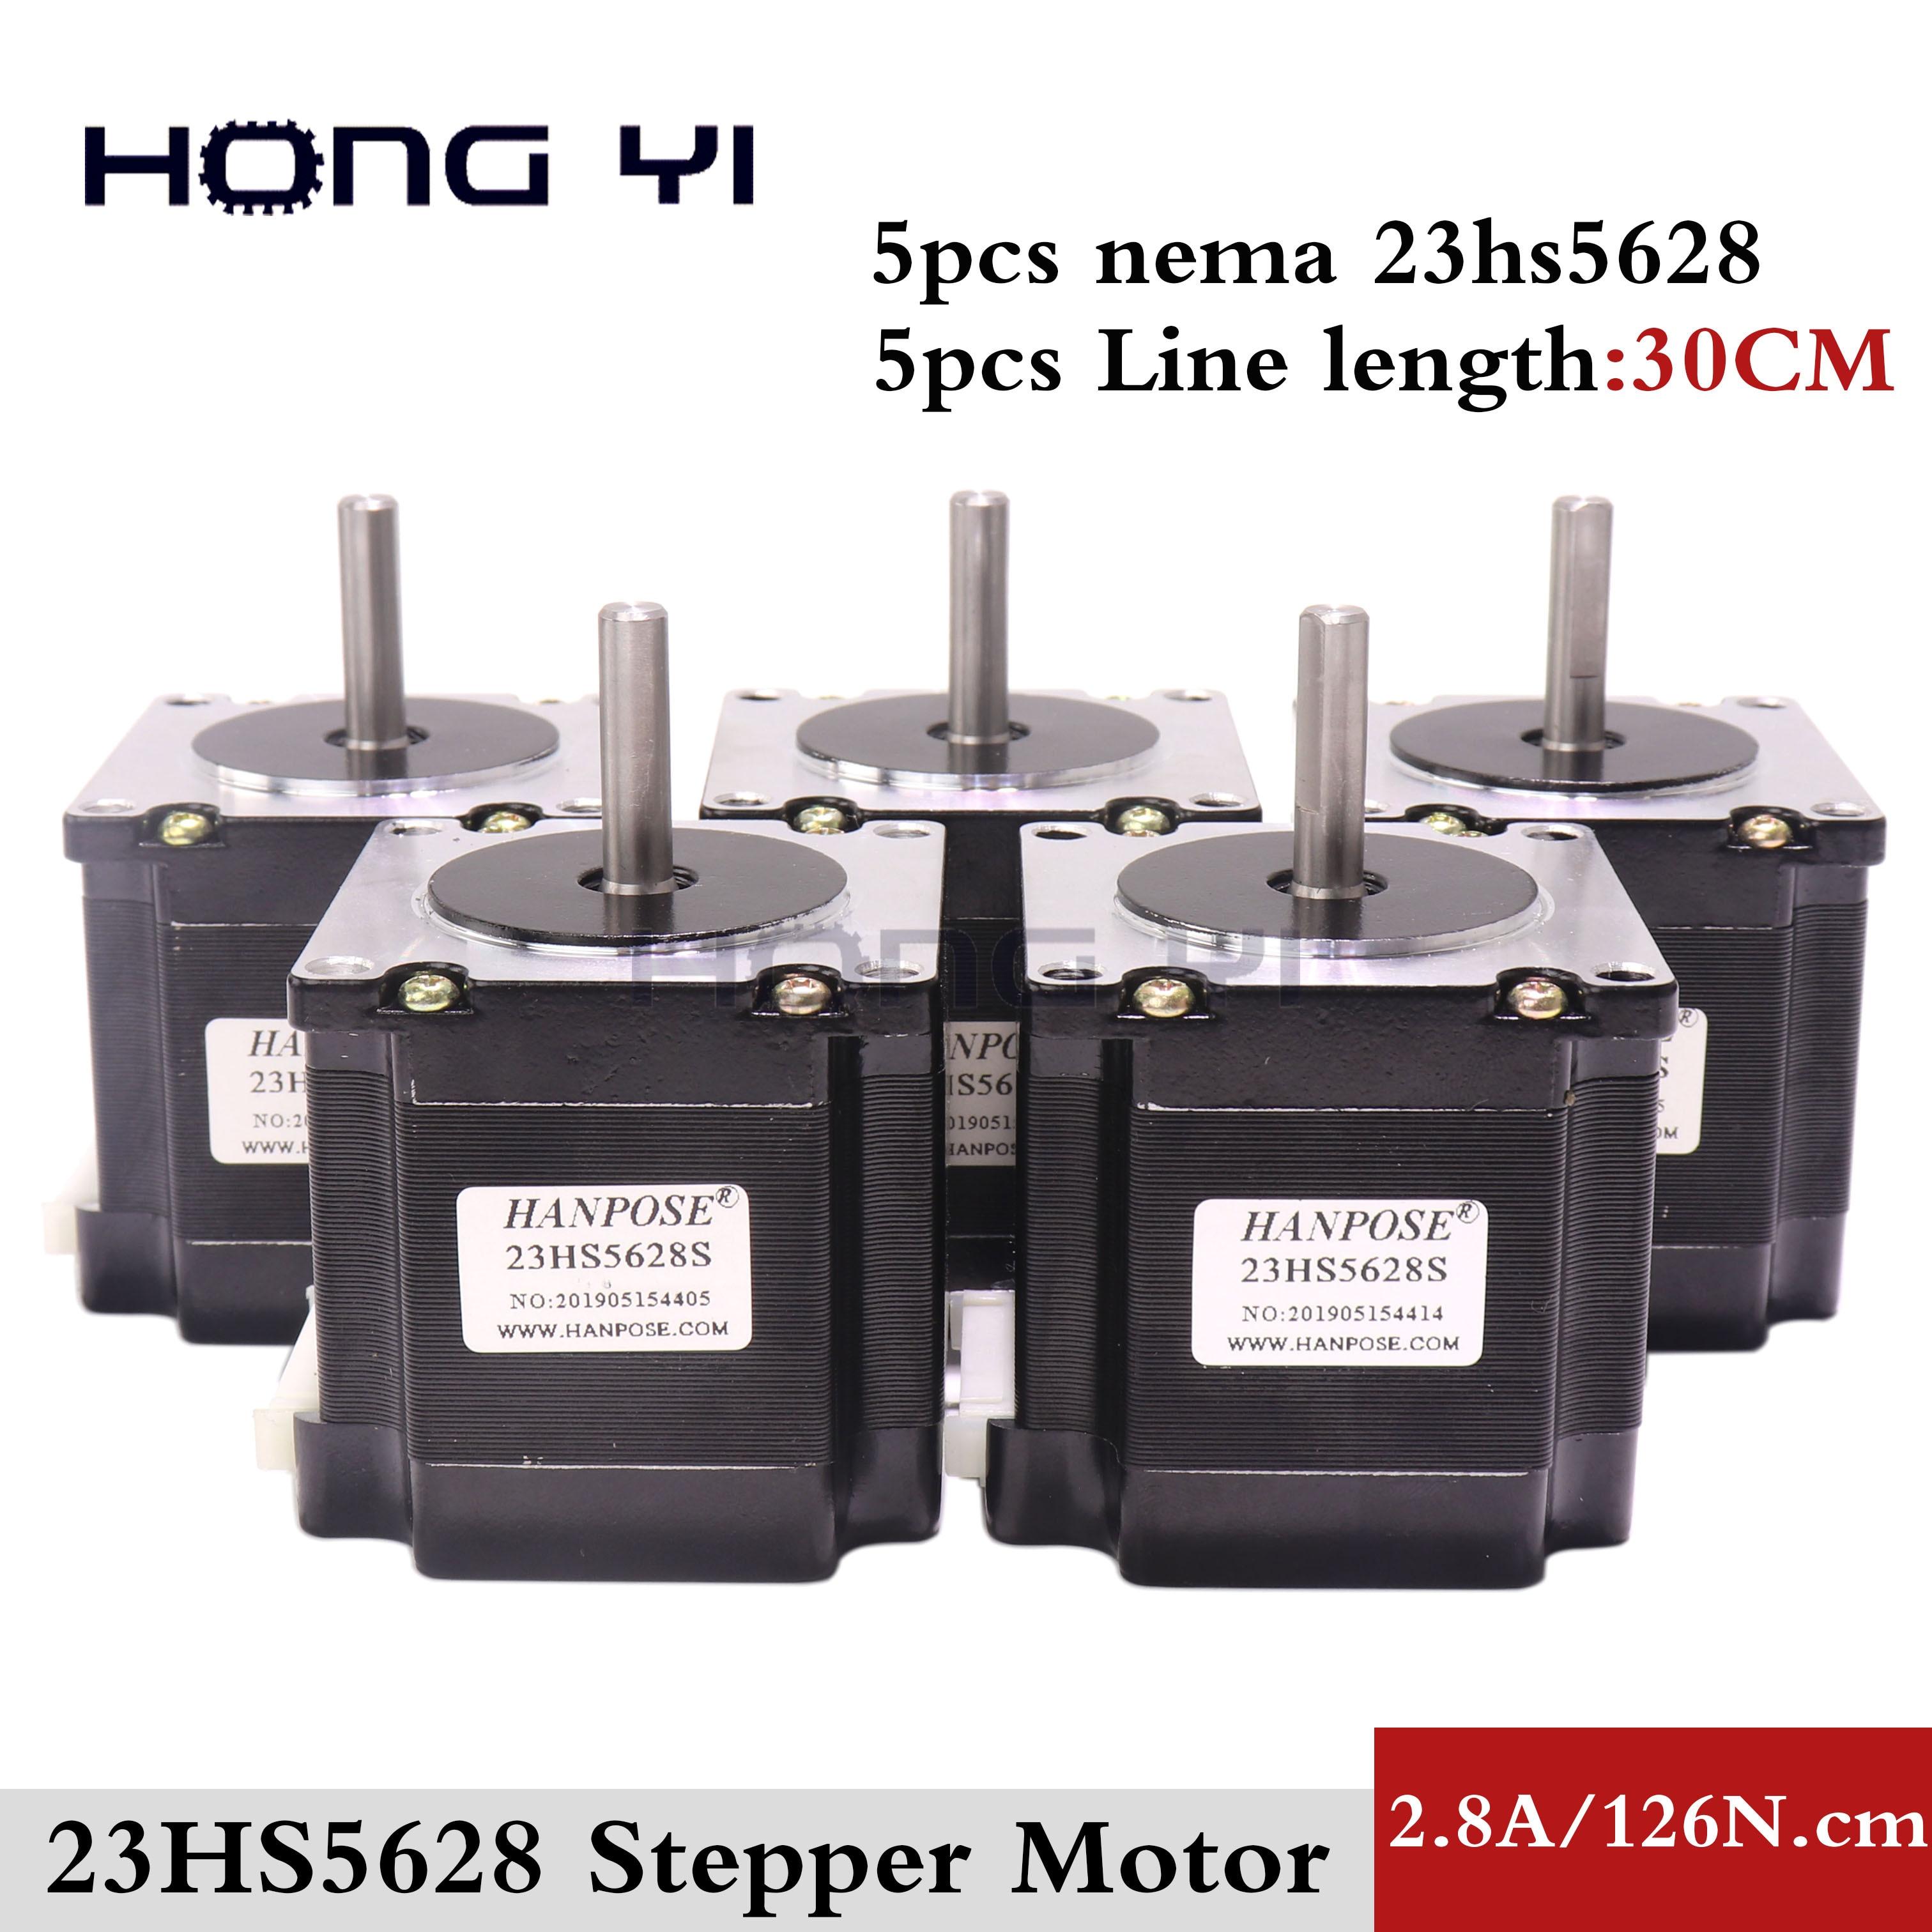 Darmowa wysyłka 5 sztuk 23HS5628 4 lead Nema 23 silnik krokowy 57 silnik NEMA23 silnik krokowy 2.8A ISO CNC w Silniki krokowe od Majsterkowanie na AliExpress - 11.11_Double 11Singles' Day 1